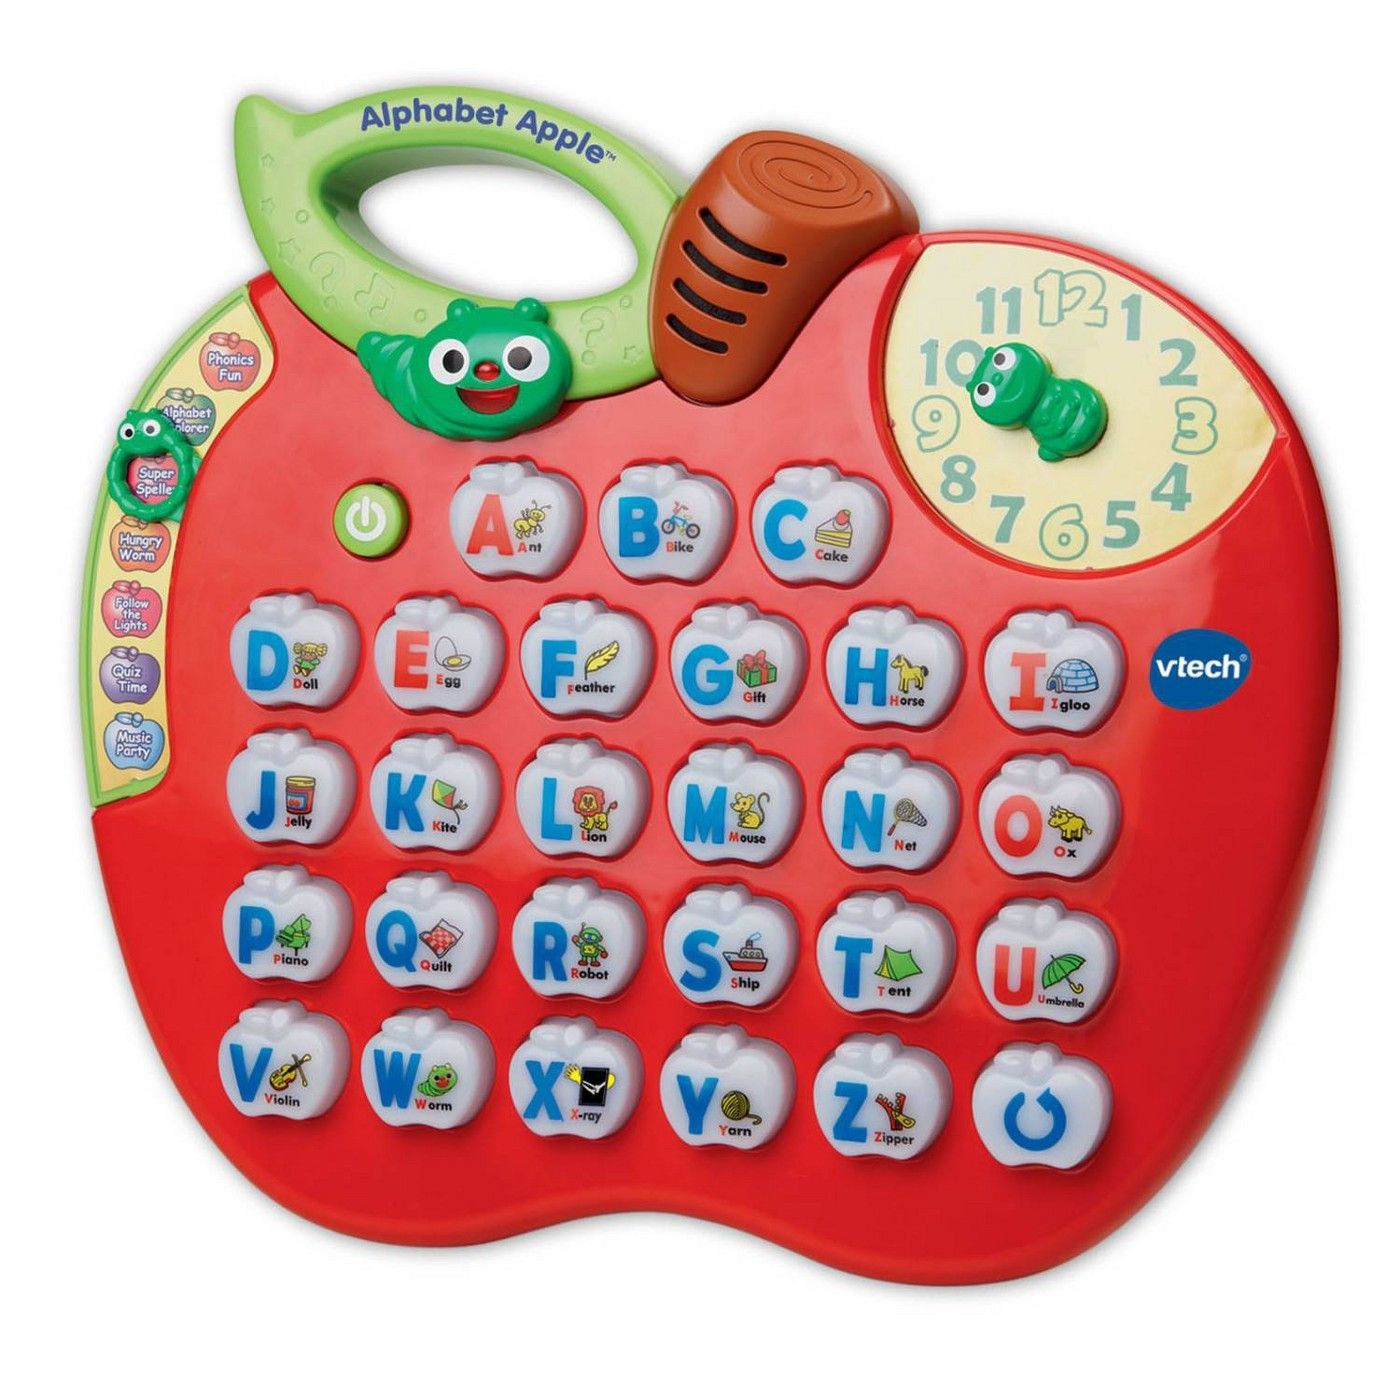 Vtech Alphabet Apple In